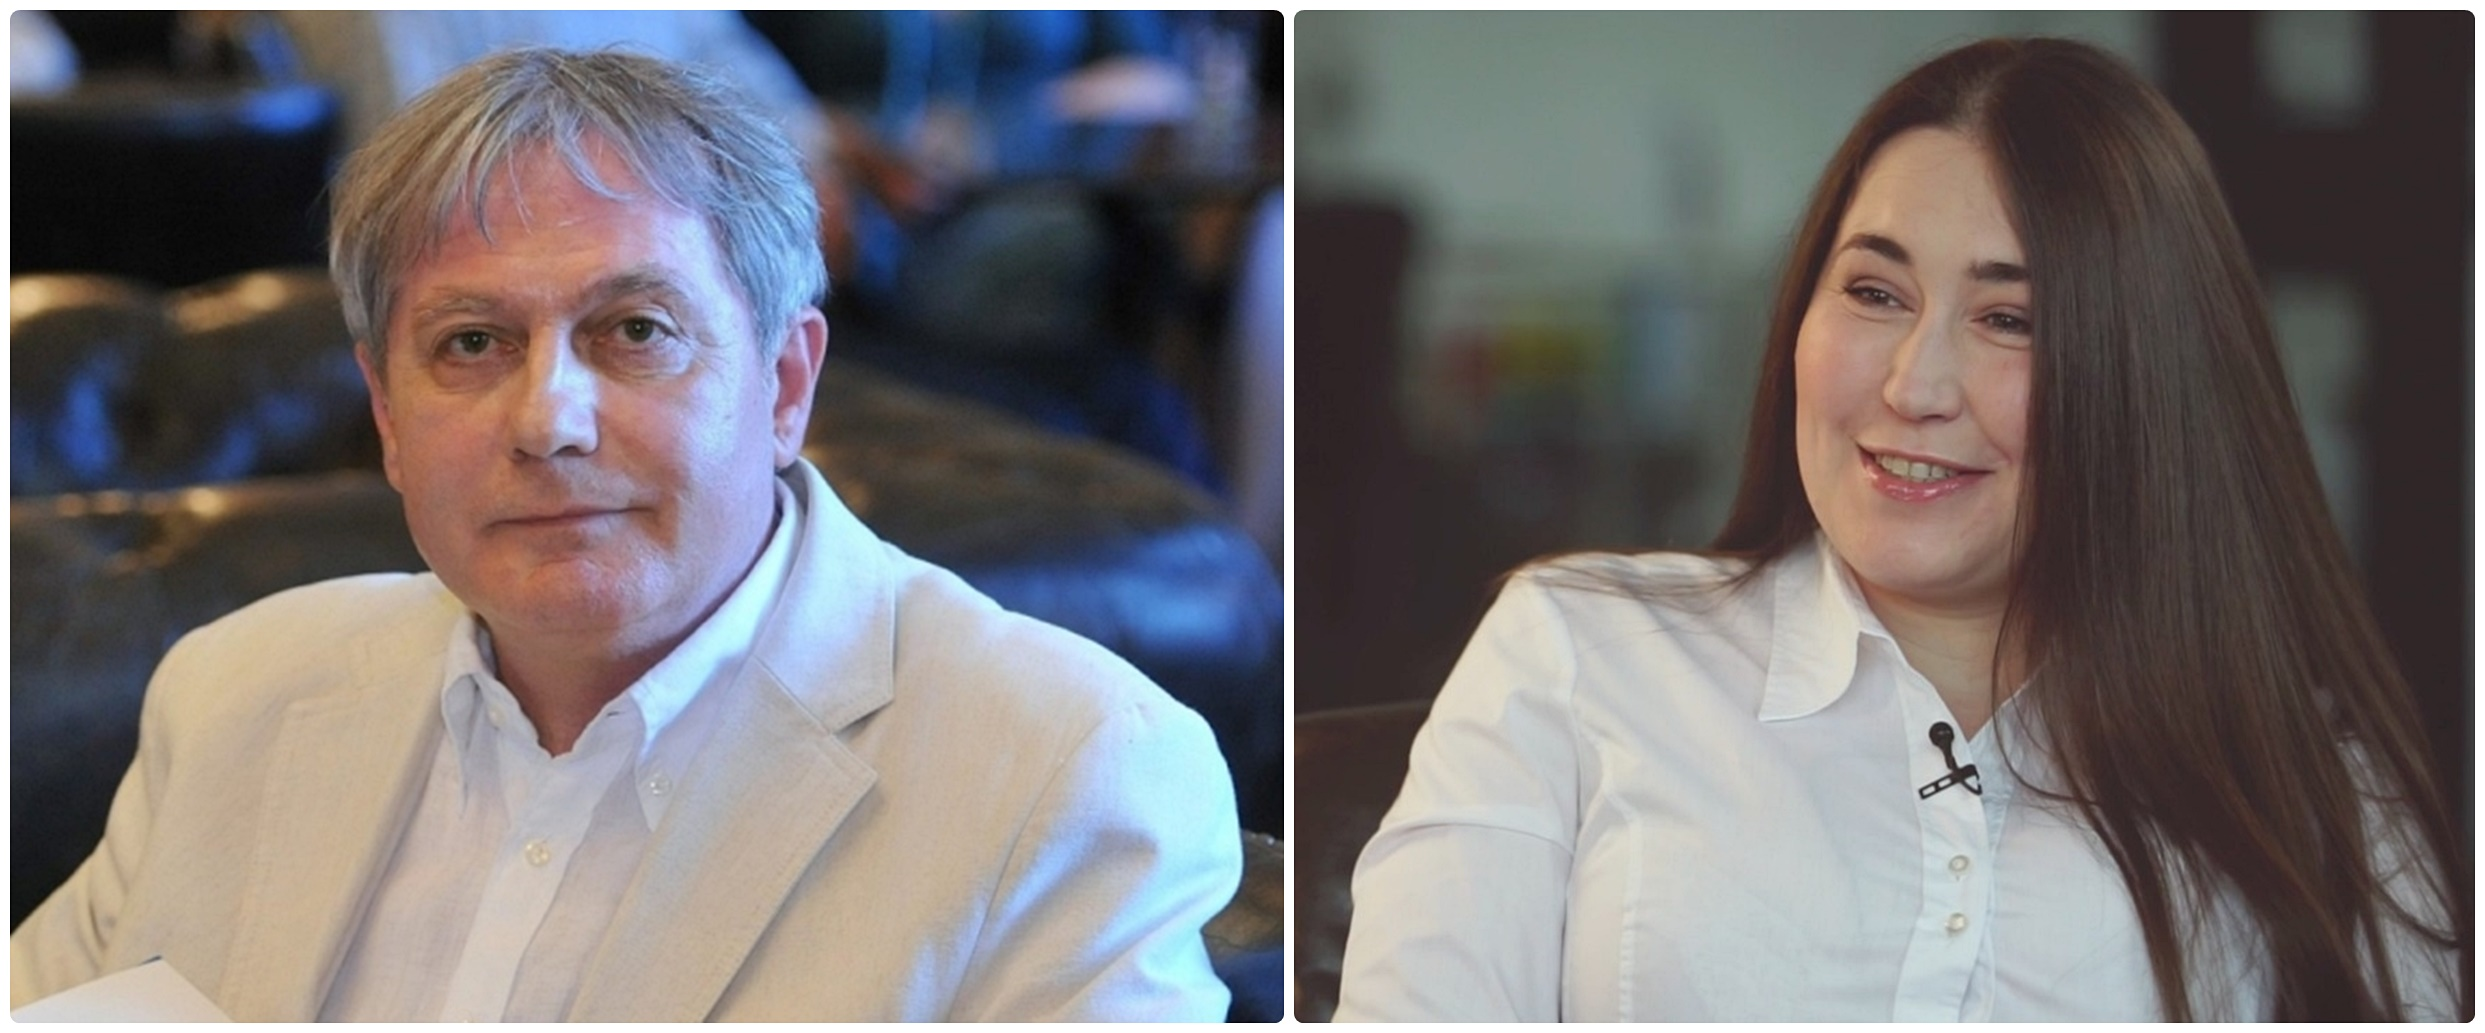 Asztali beszélgetések… – Szabó T. Anna és Villányi László disputája